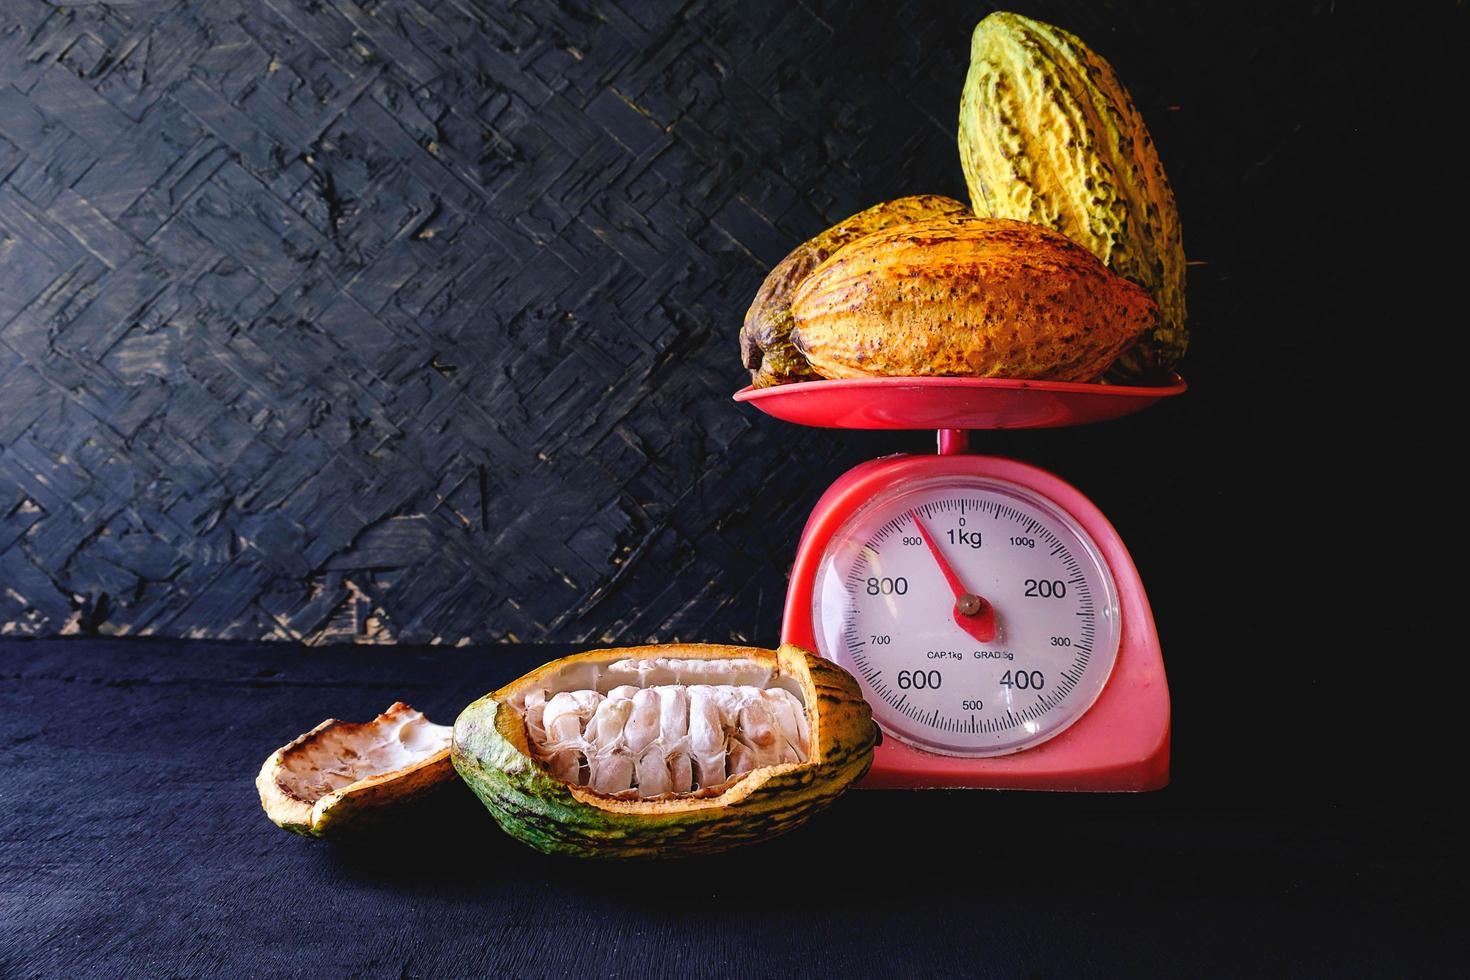 frische Kakaoernte im Maßstab foto